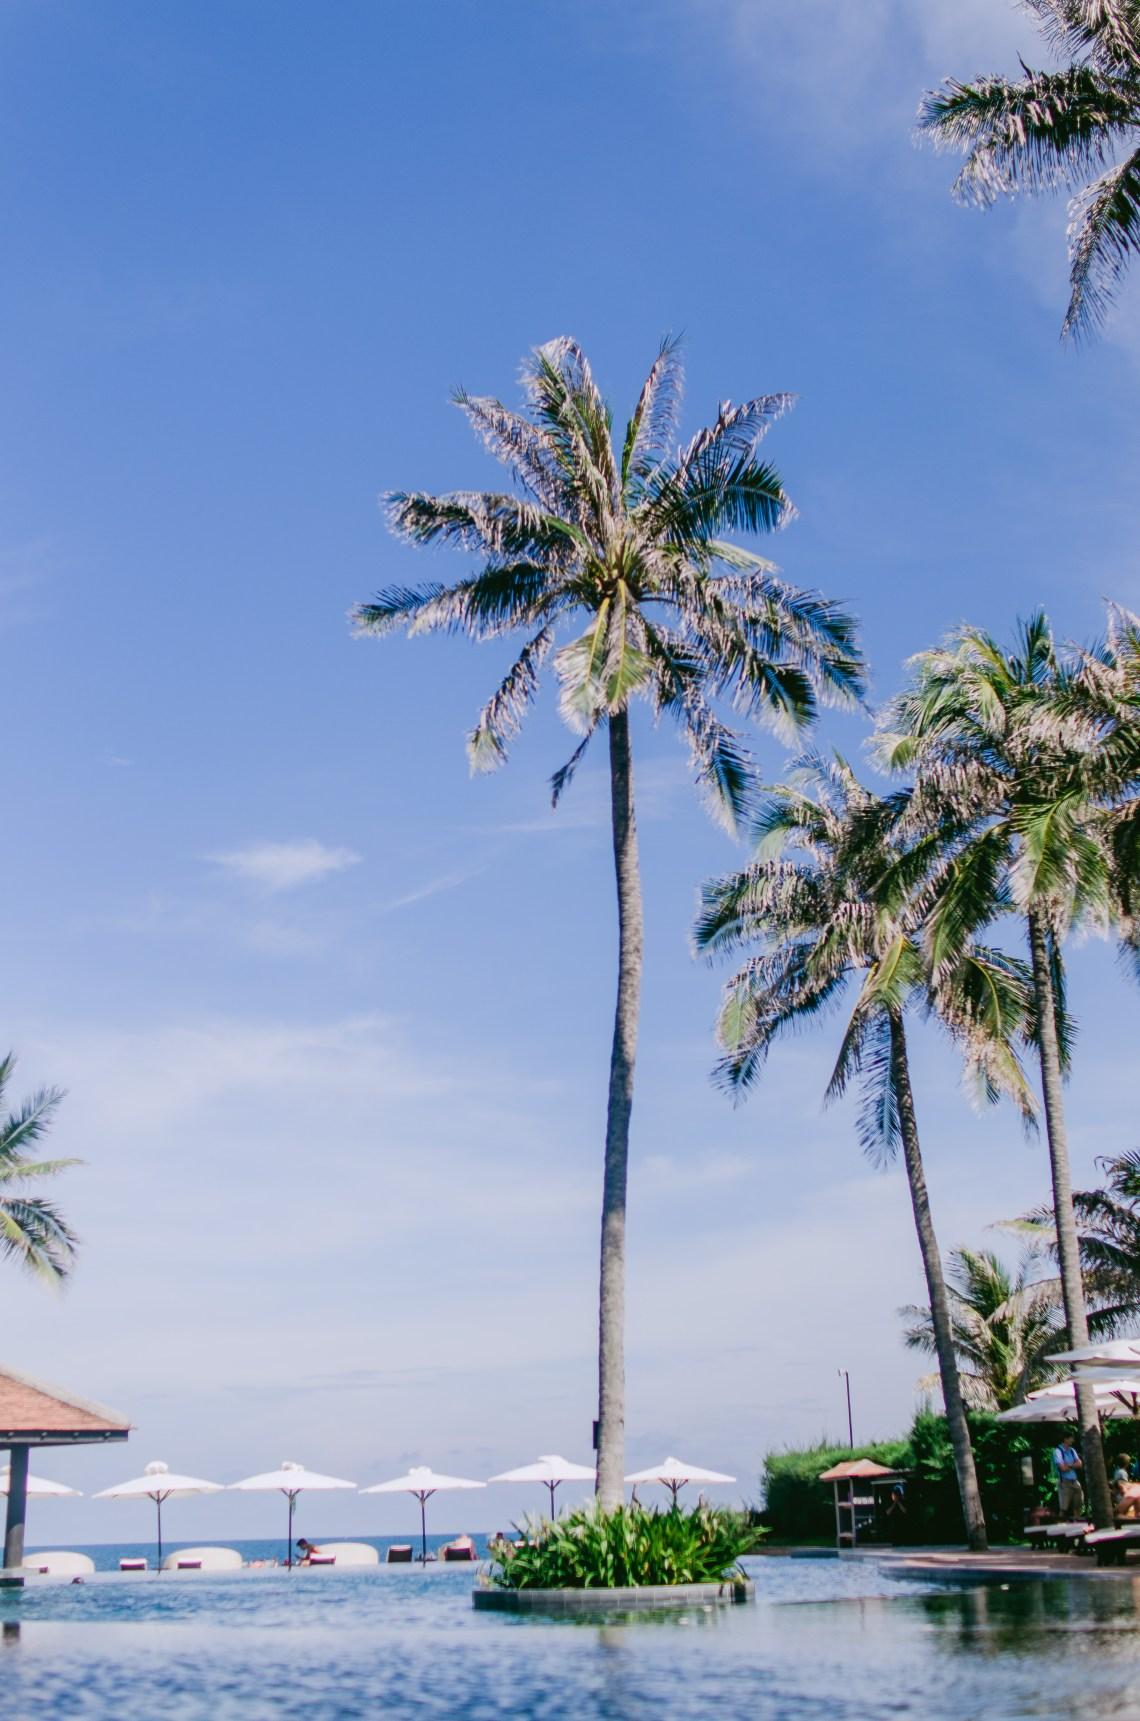 anantara-mui-ne-vietnam-worldsessed-com-50